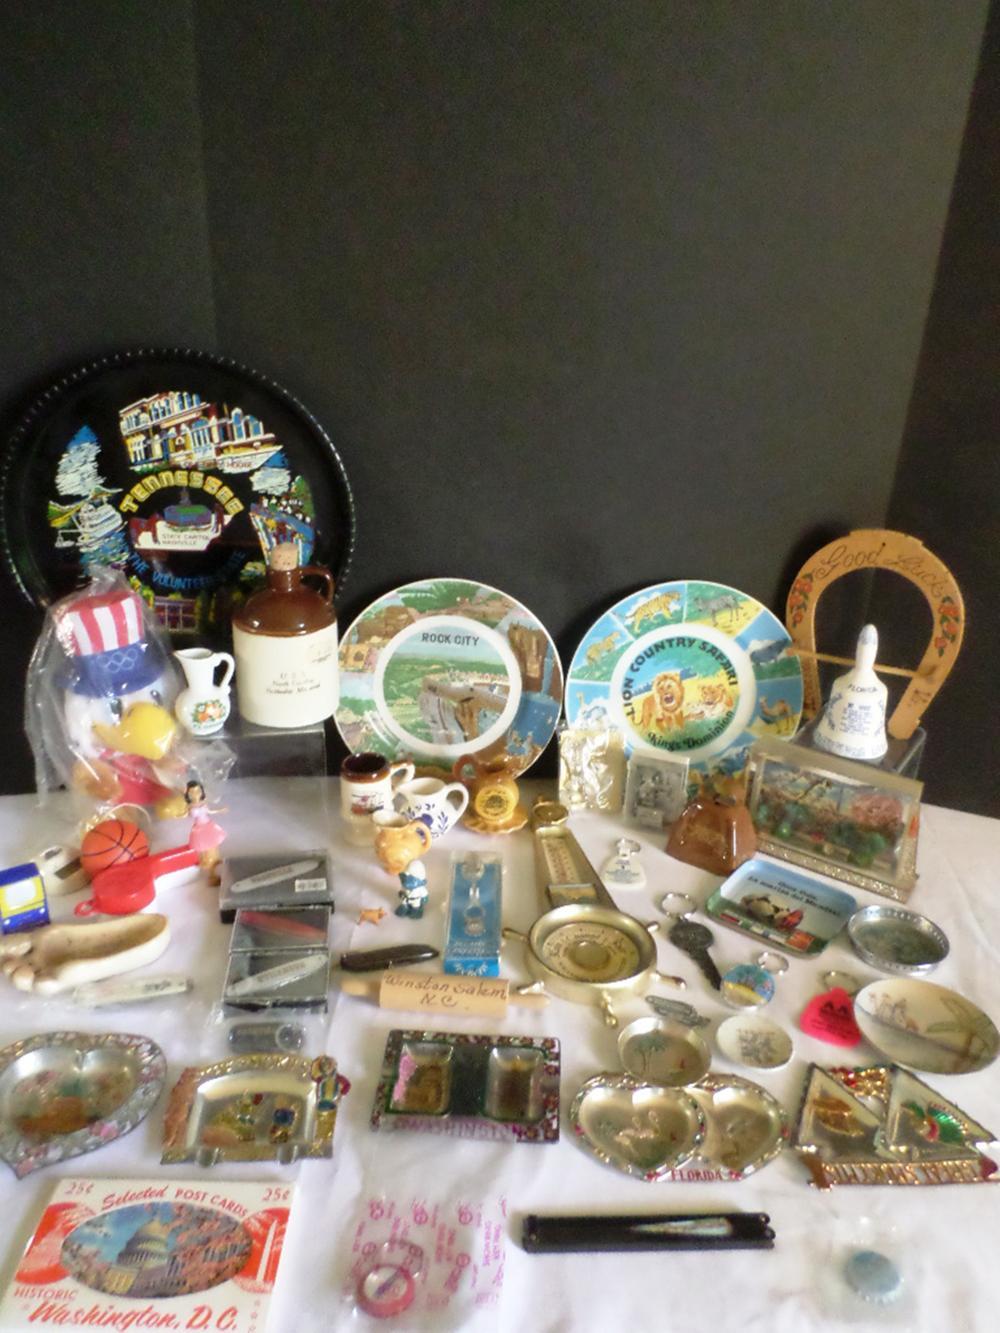 Uncle Sam Stuffed Eagle, Nashville Pocket Knife, Assorted Travel Memorabilia